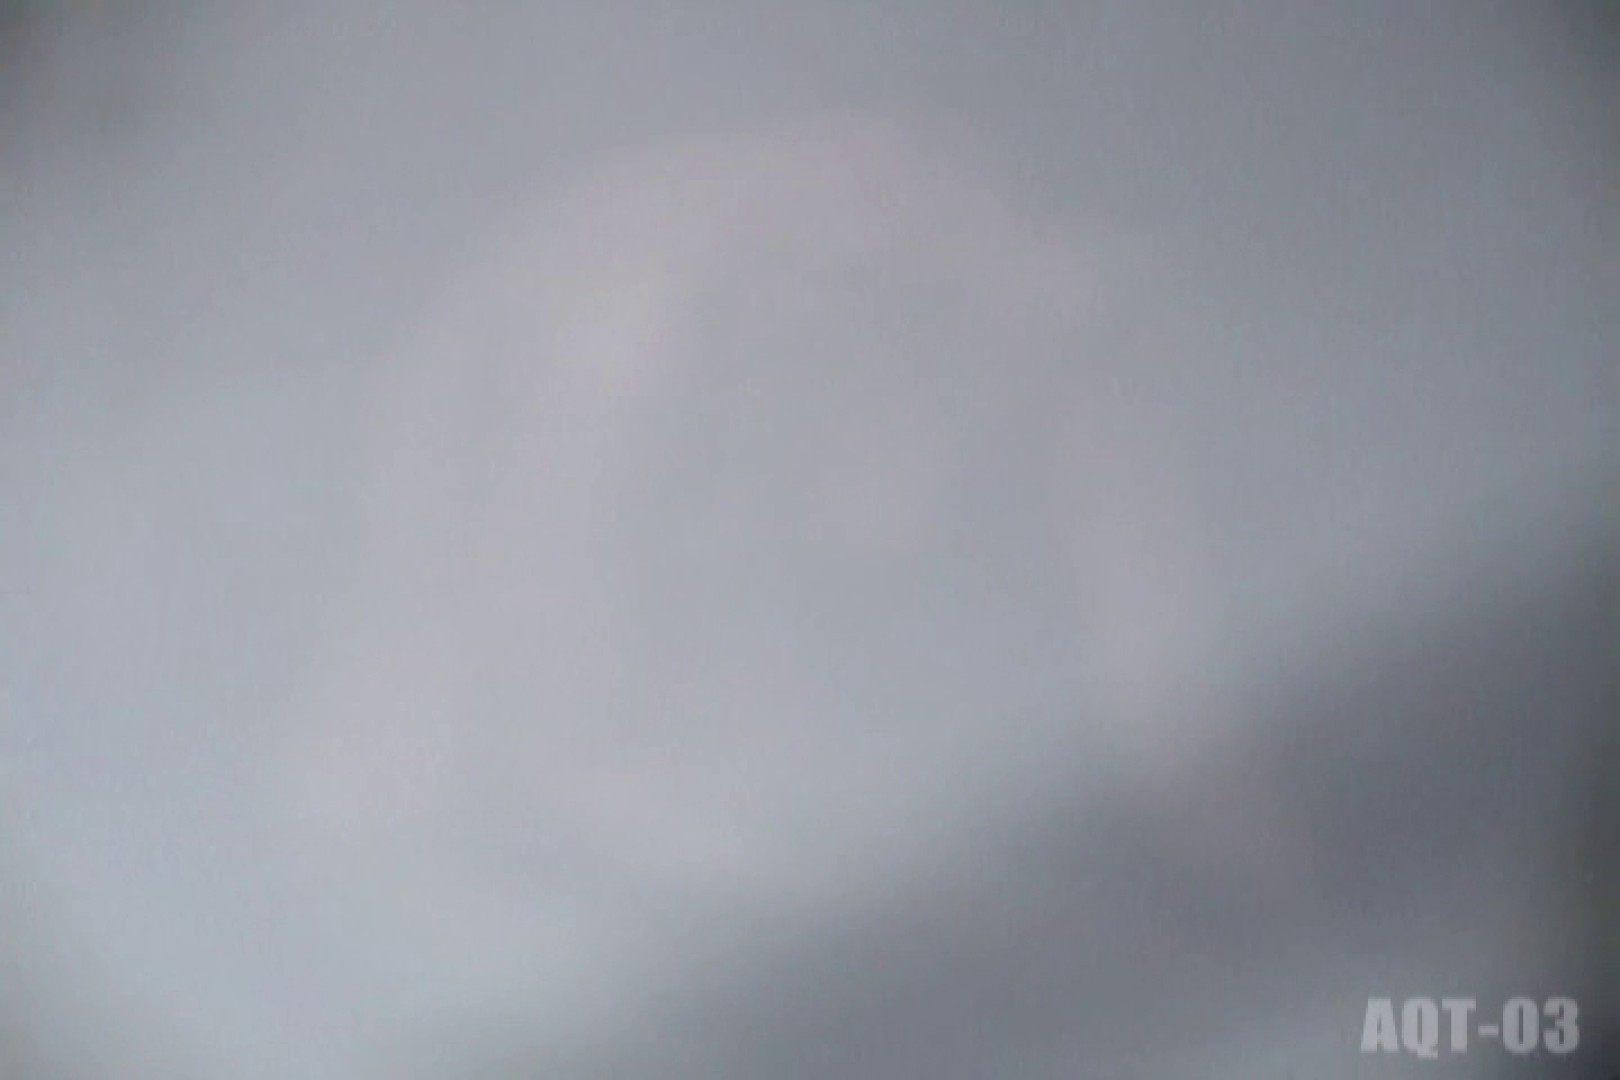 Aquaな露天風呂Vol.734 OLセックス 盗撮AV動画キャプチャ 64画像 50